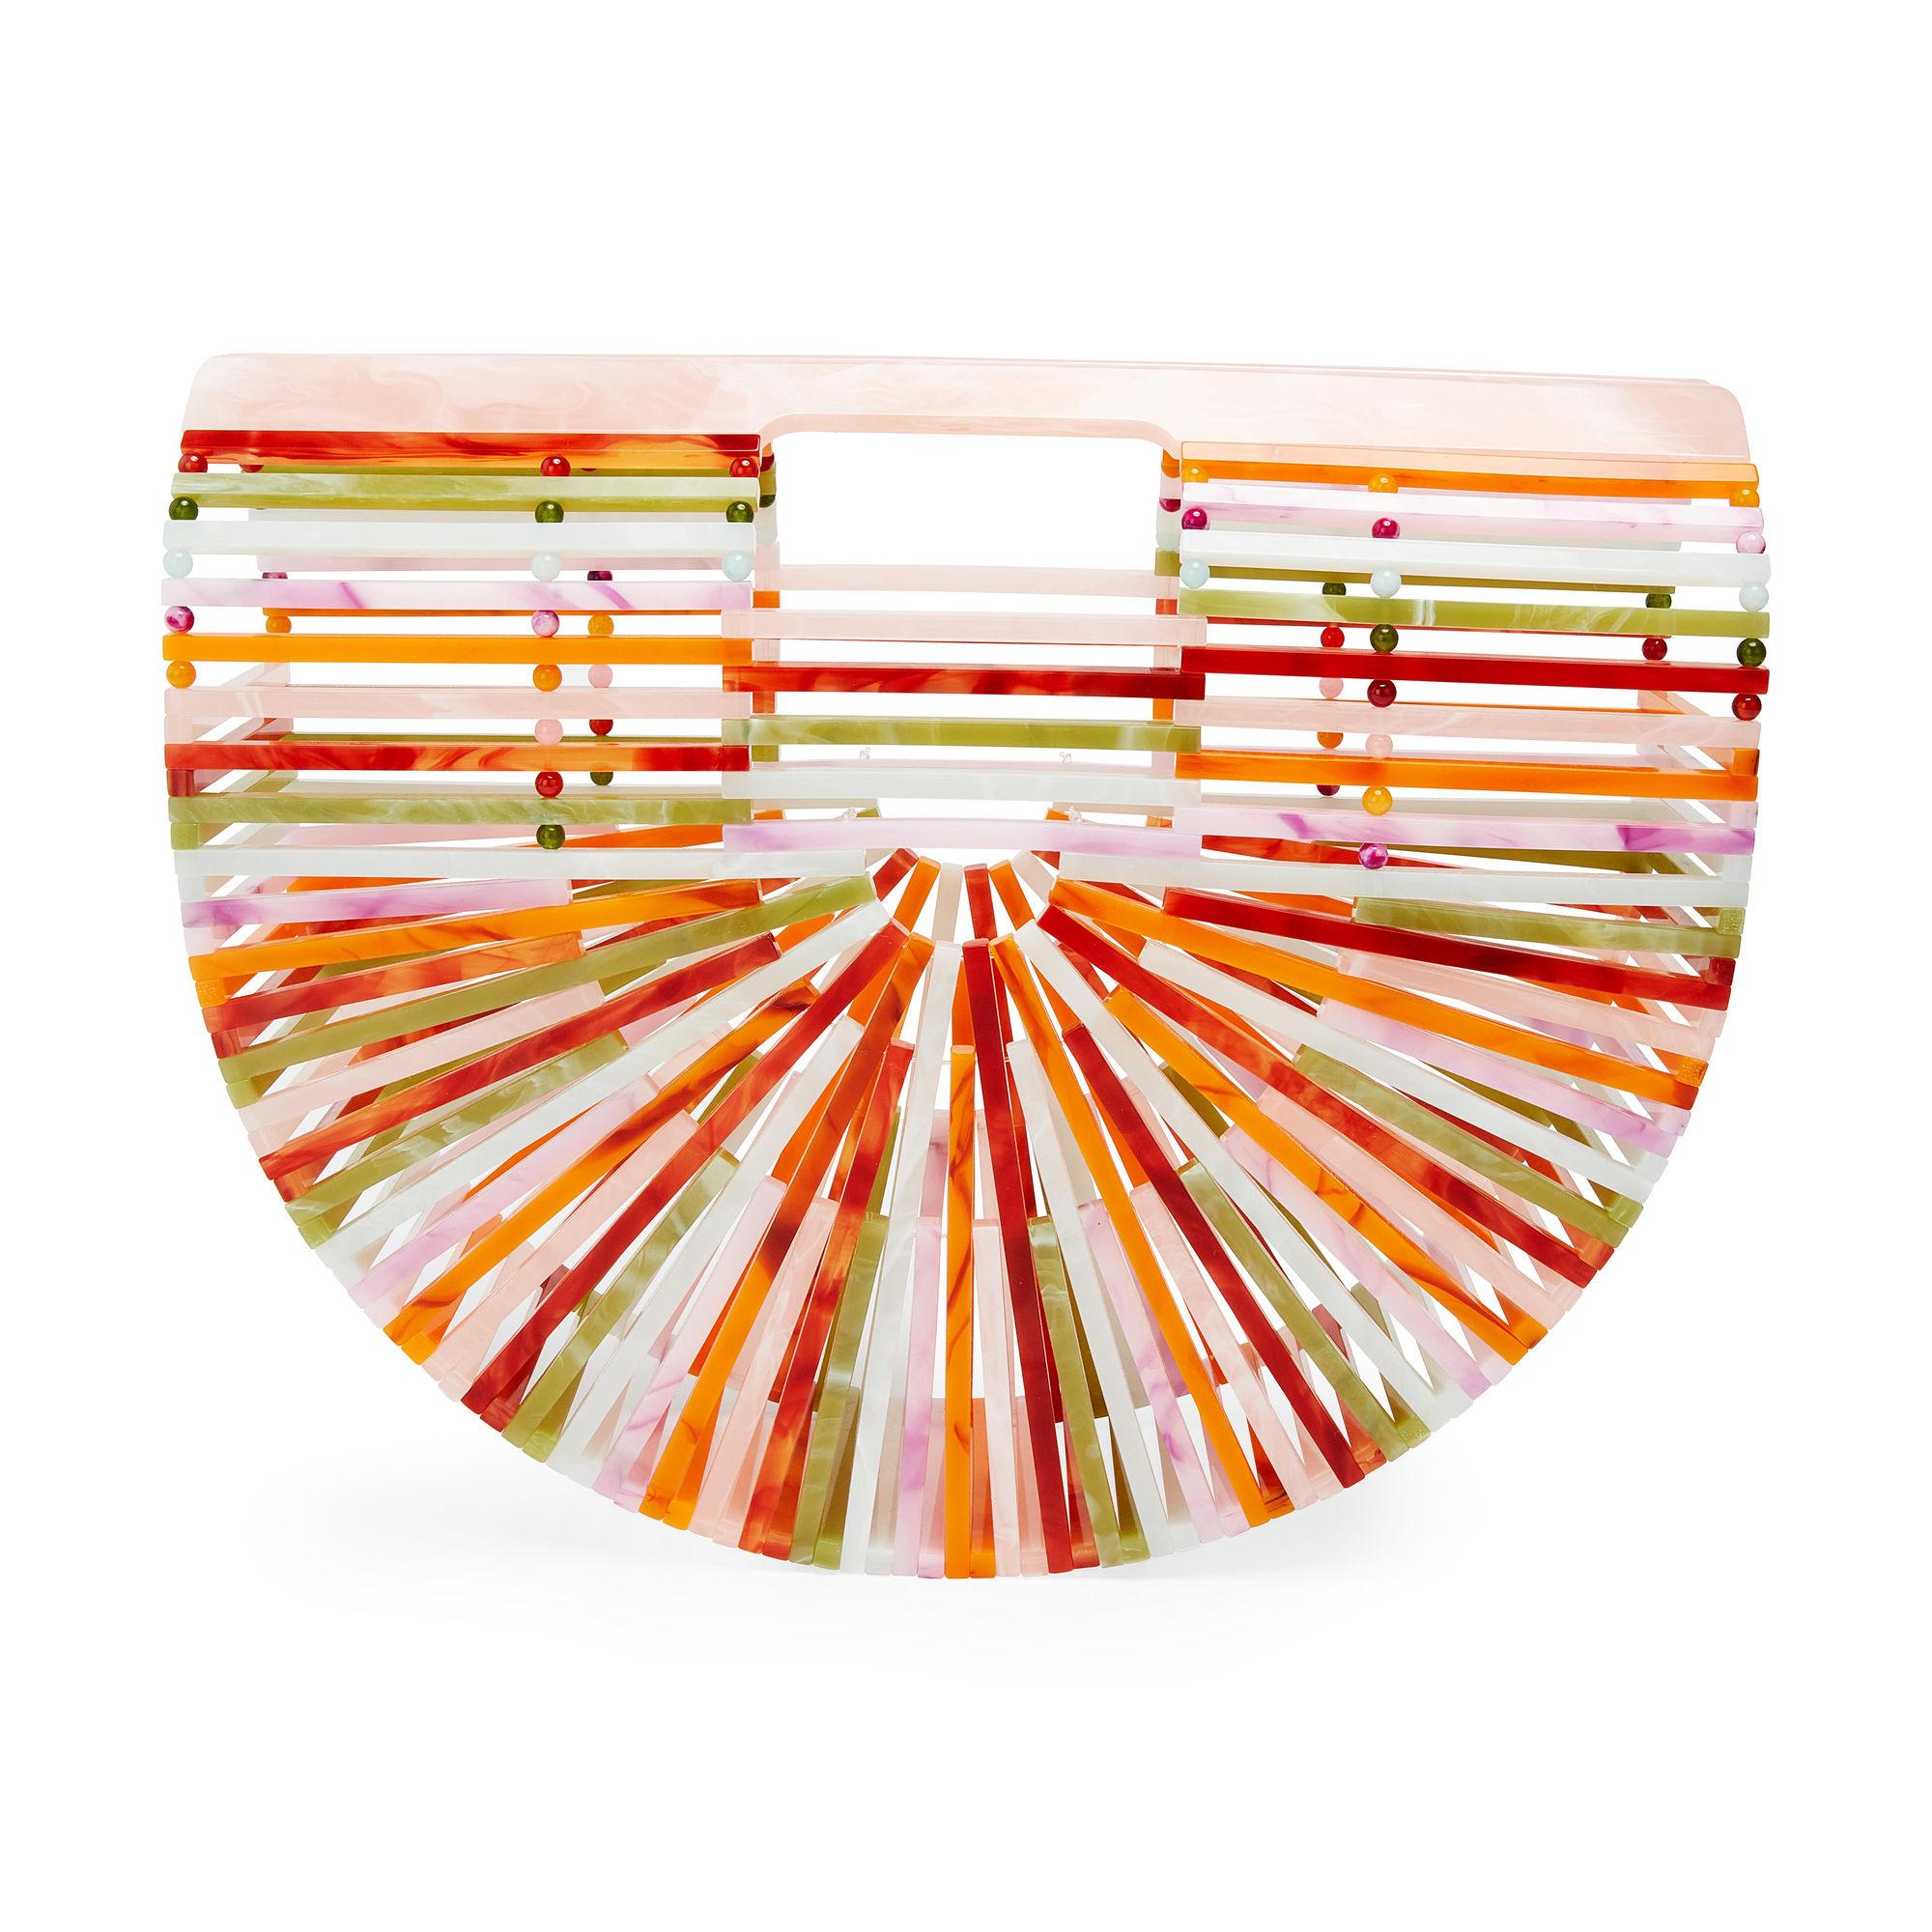 Ark ハンドバッグ マルチカラーの商品画像